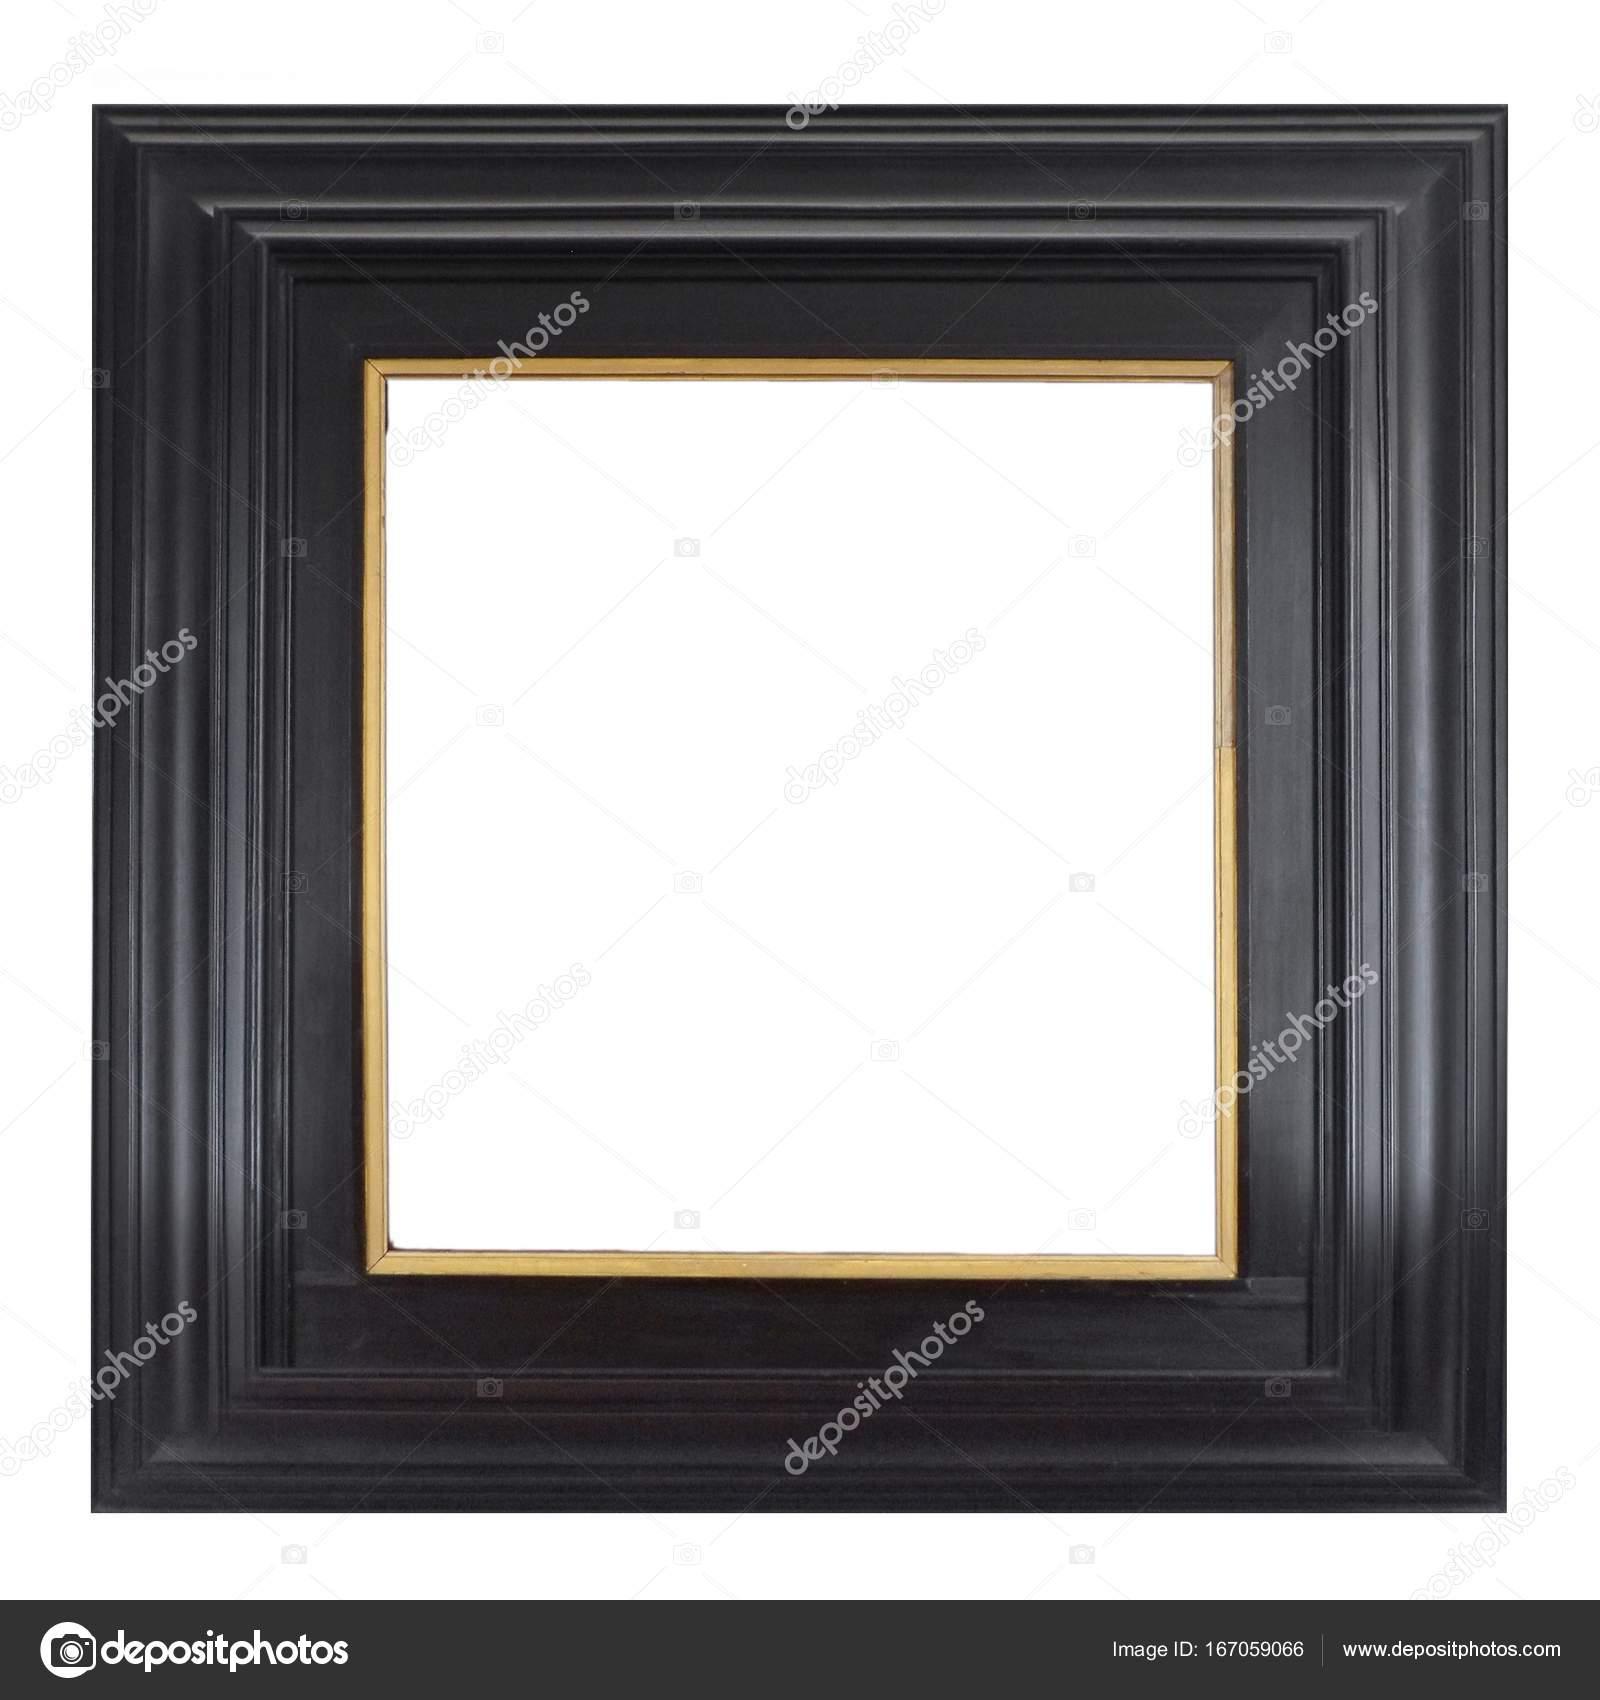 Marco de madera para cuadros espejos o fotos foto de for Disenos de marcos de madera para espejos